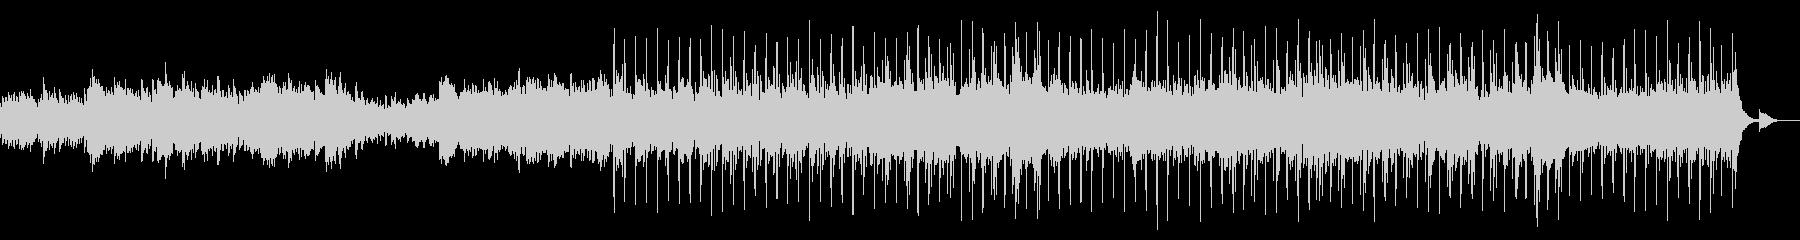 穏やか ピアノ フルートの未再生の波形